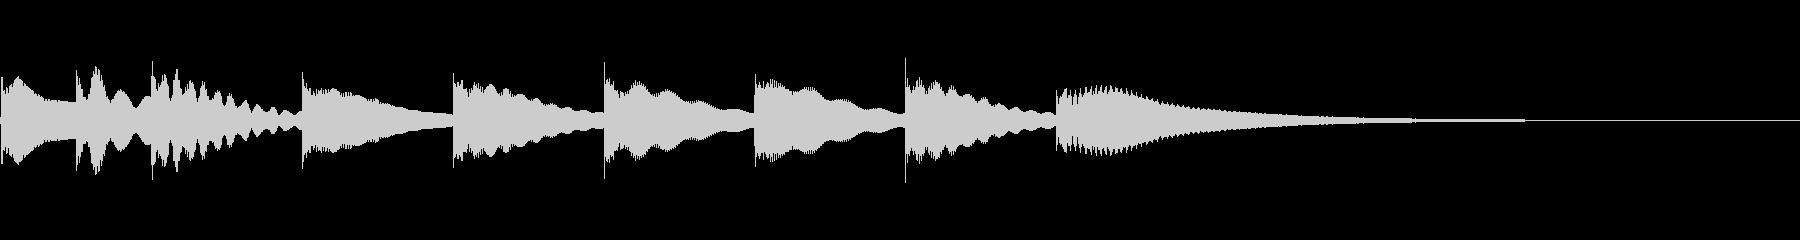 マリンバ(木琴)のかわいいジングル2の未再生の波形